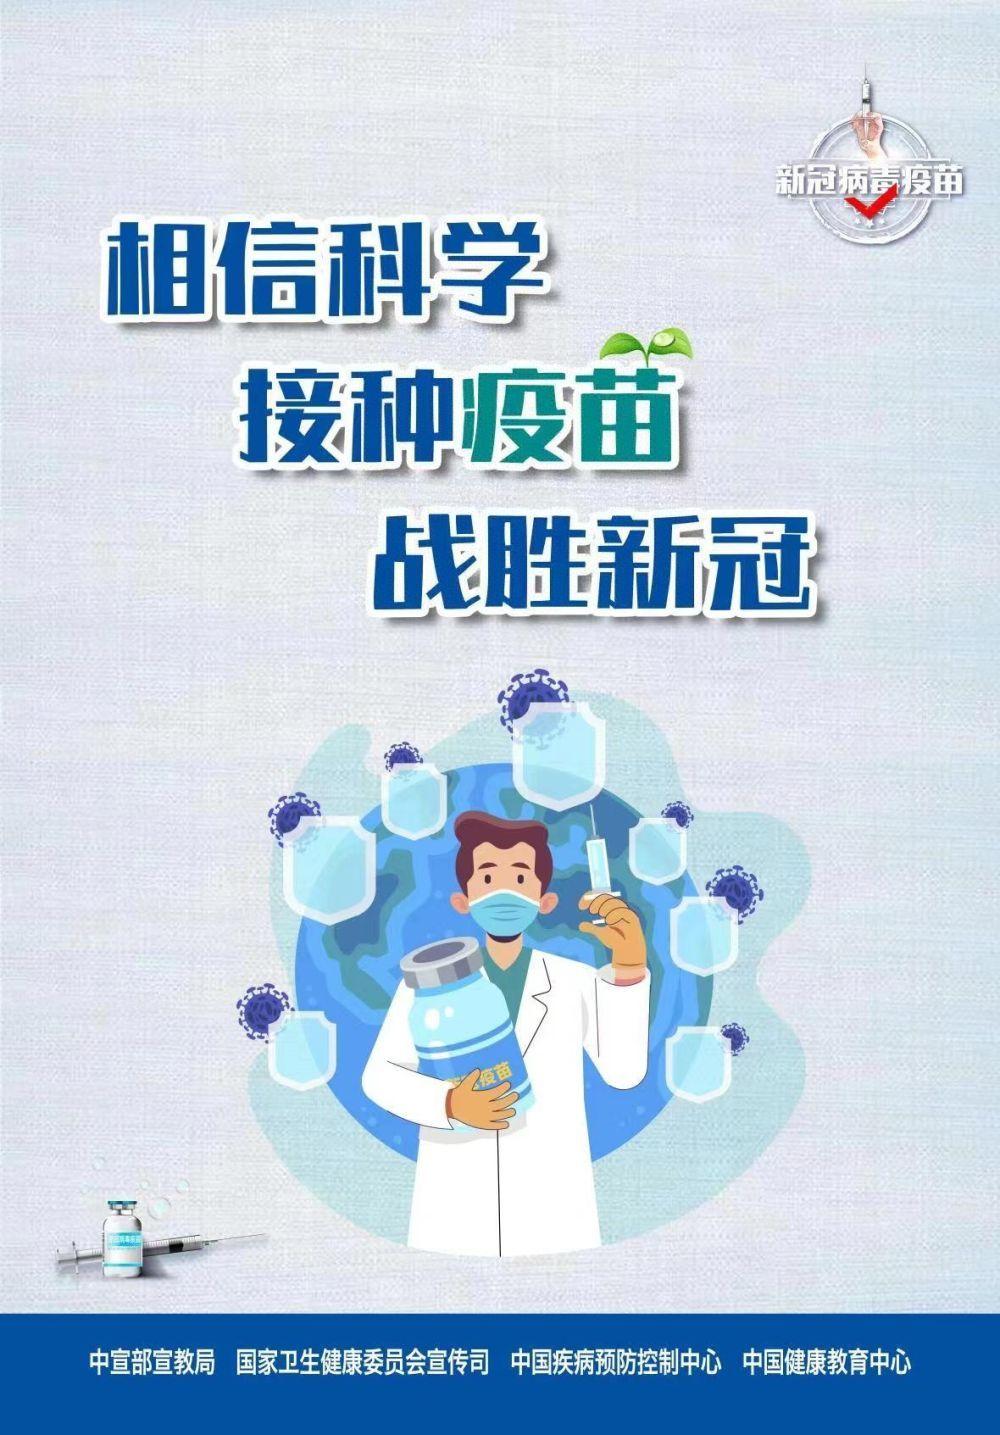 海报|接种新冠疫苗 保护自己 保护家人